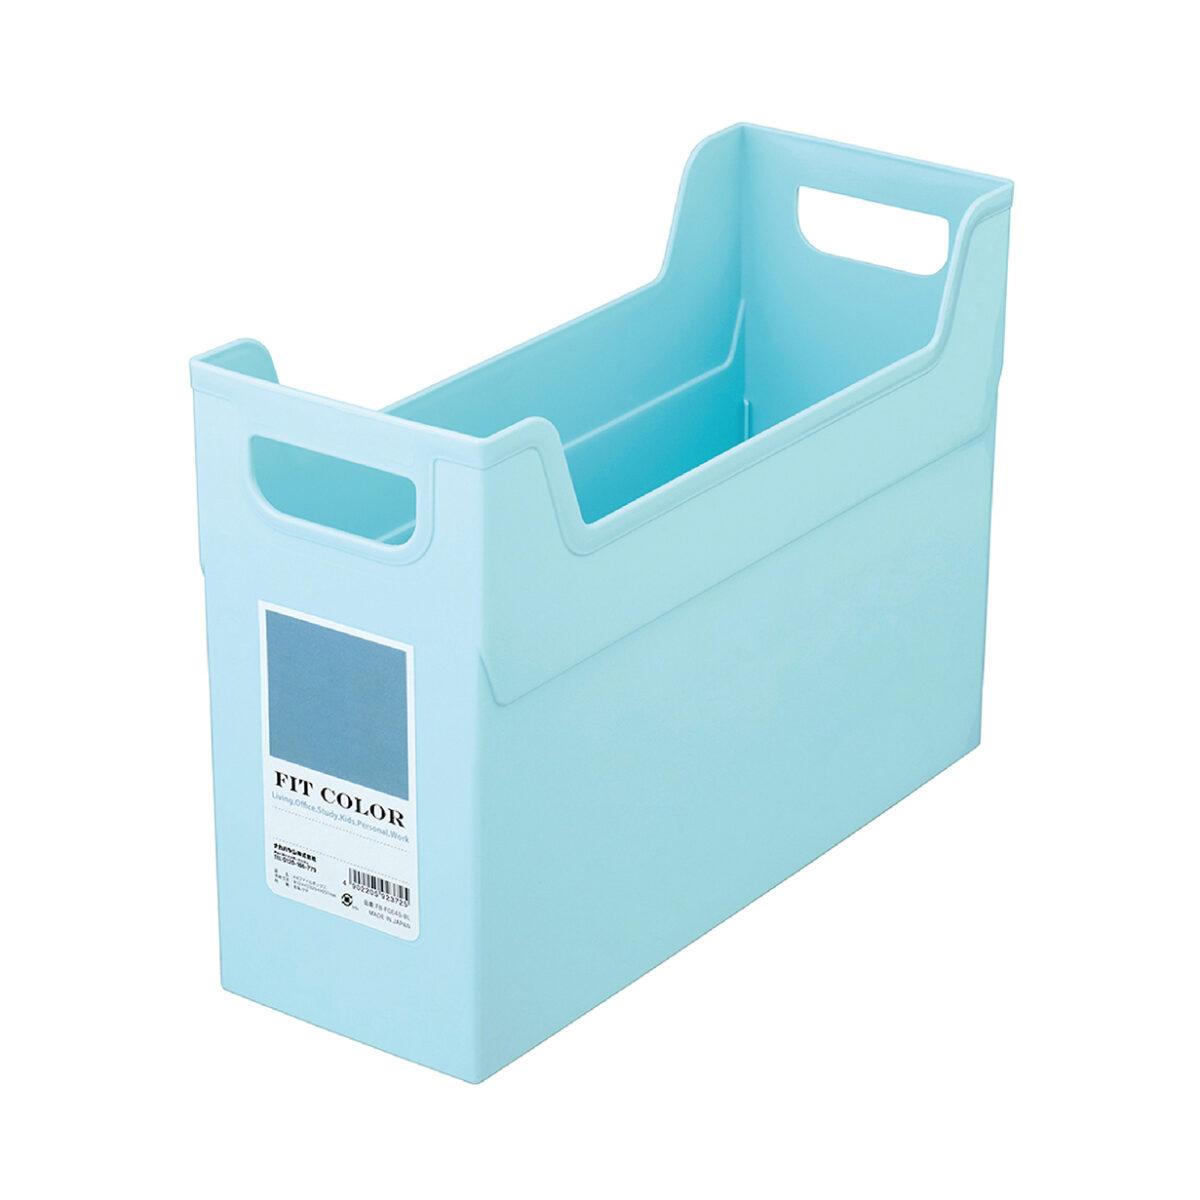 NCL Pastel Fit Colour File Box